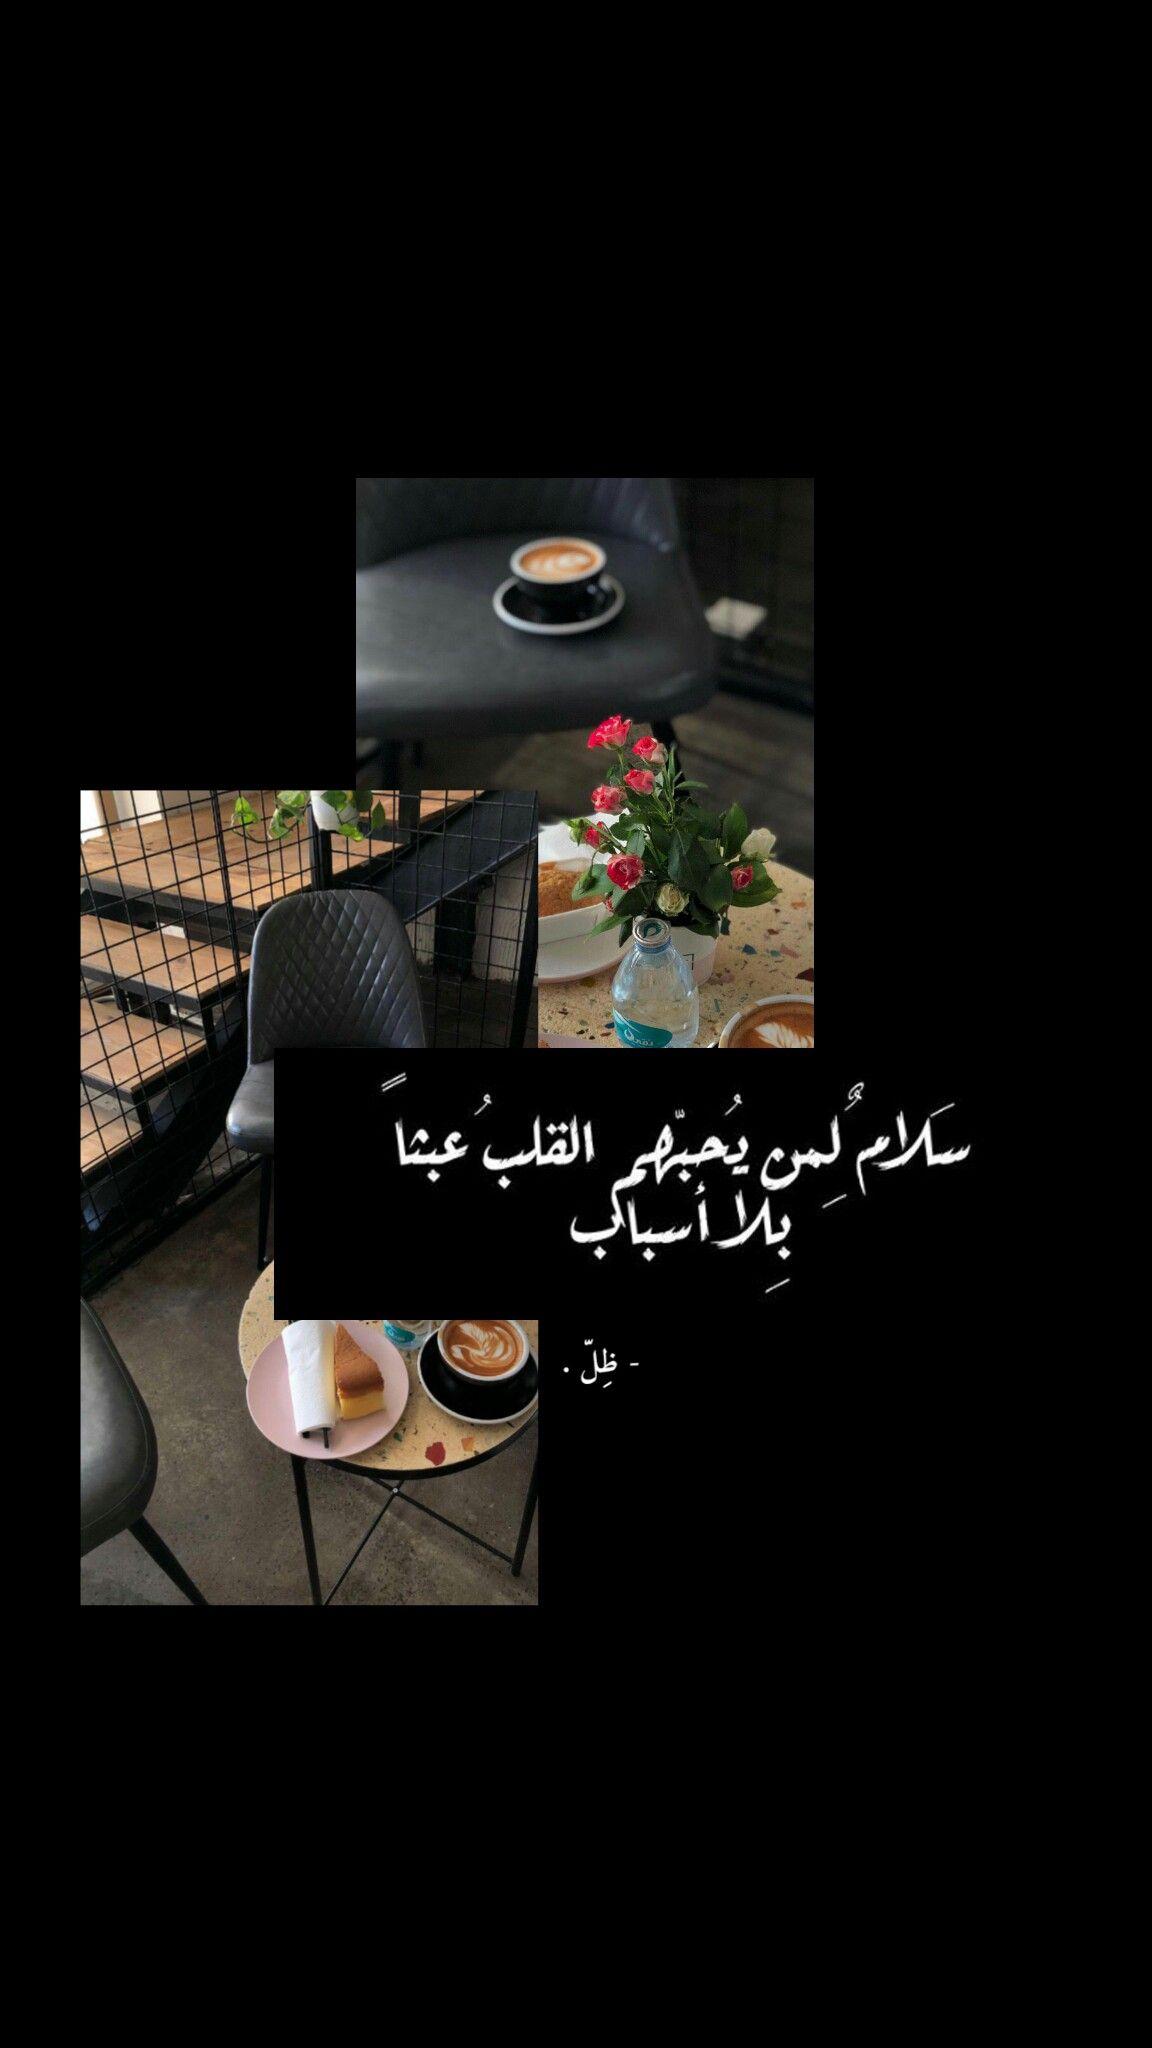 #تصميمي 💛:) #رايكم ؟! | Beautiful arabic words, Islamic ...